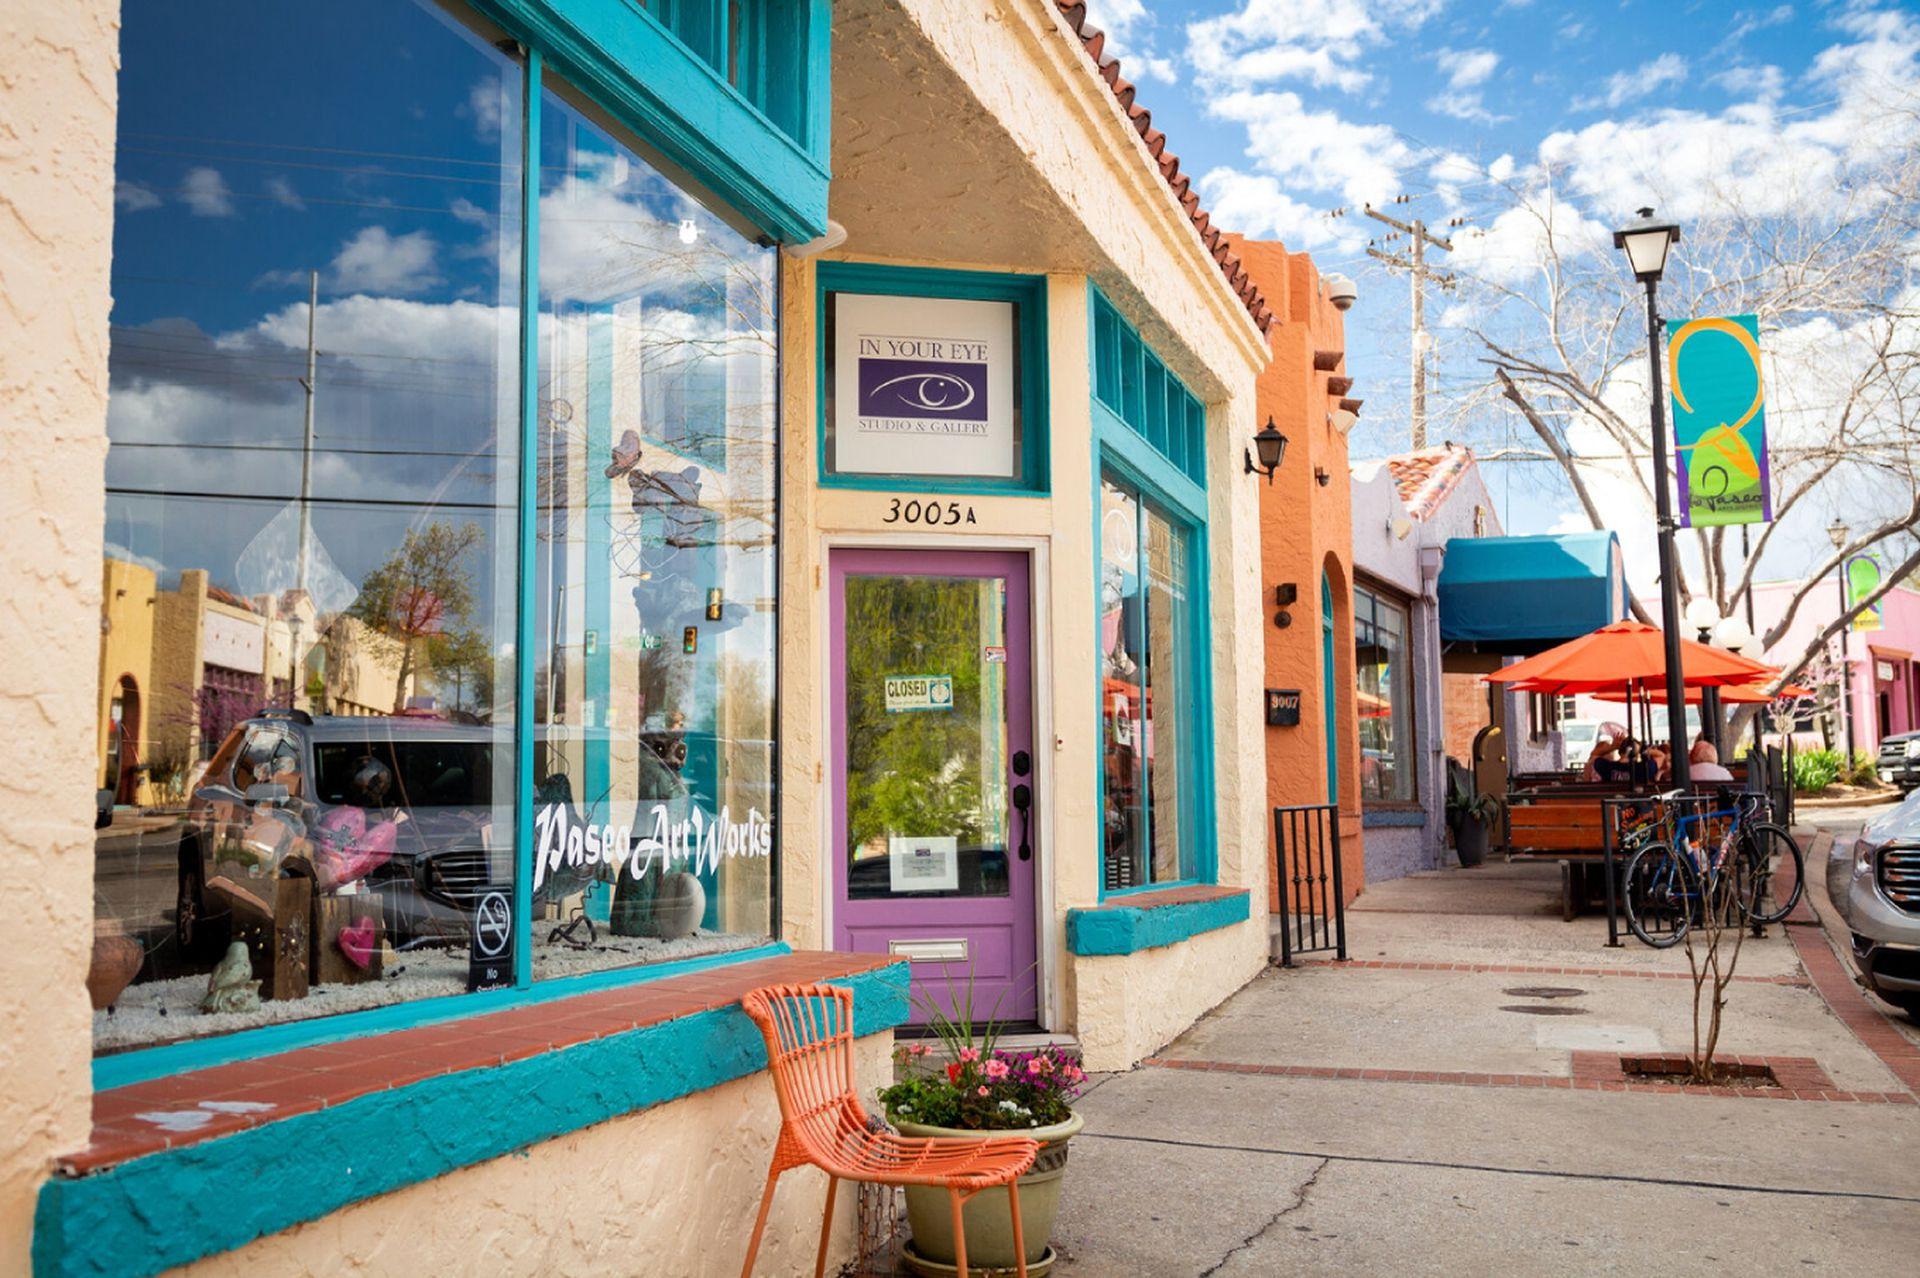 The Paseo, es el barrio de los artistas de Oklahoma City, con más de 20 galerías.